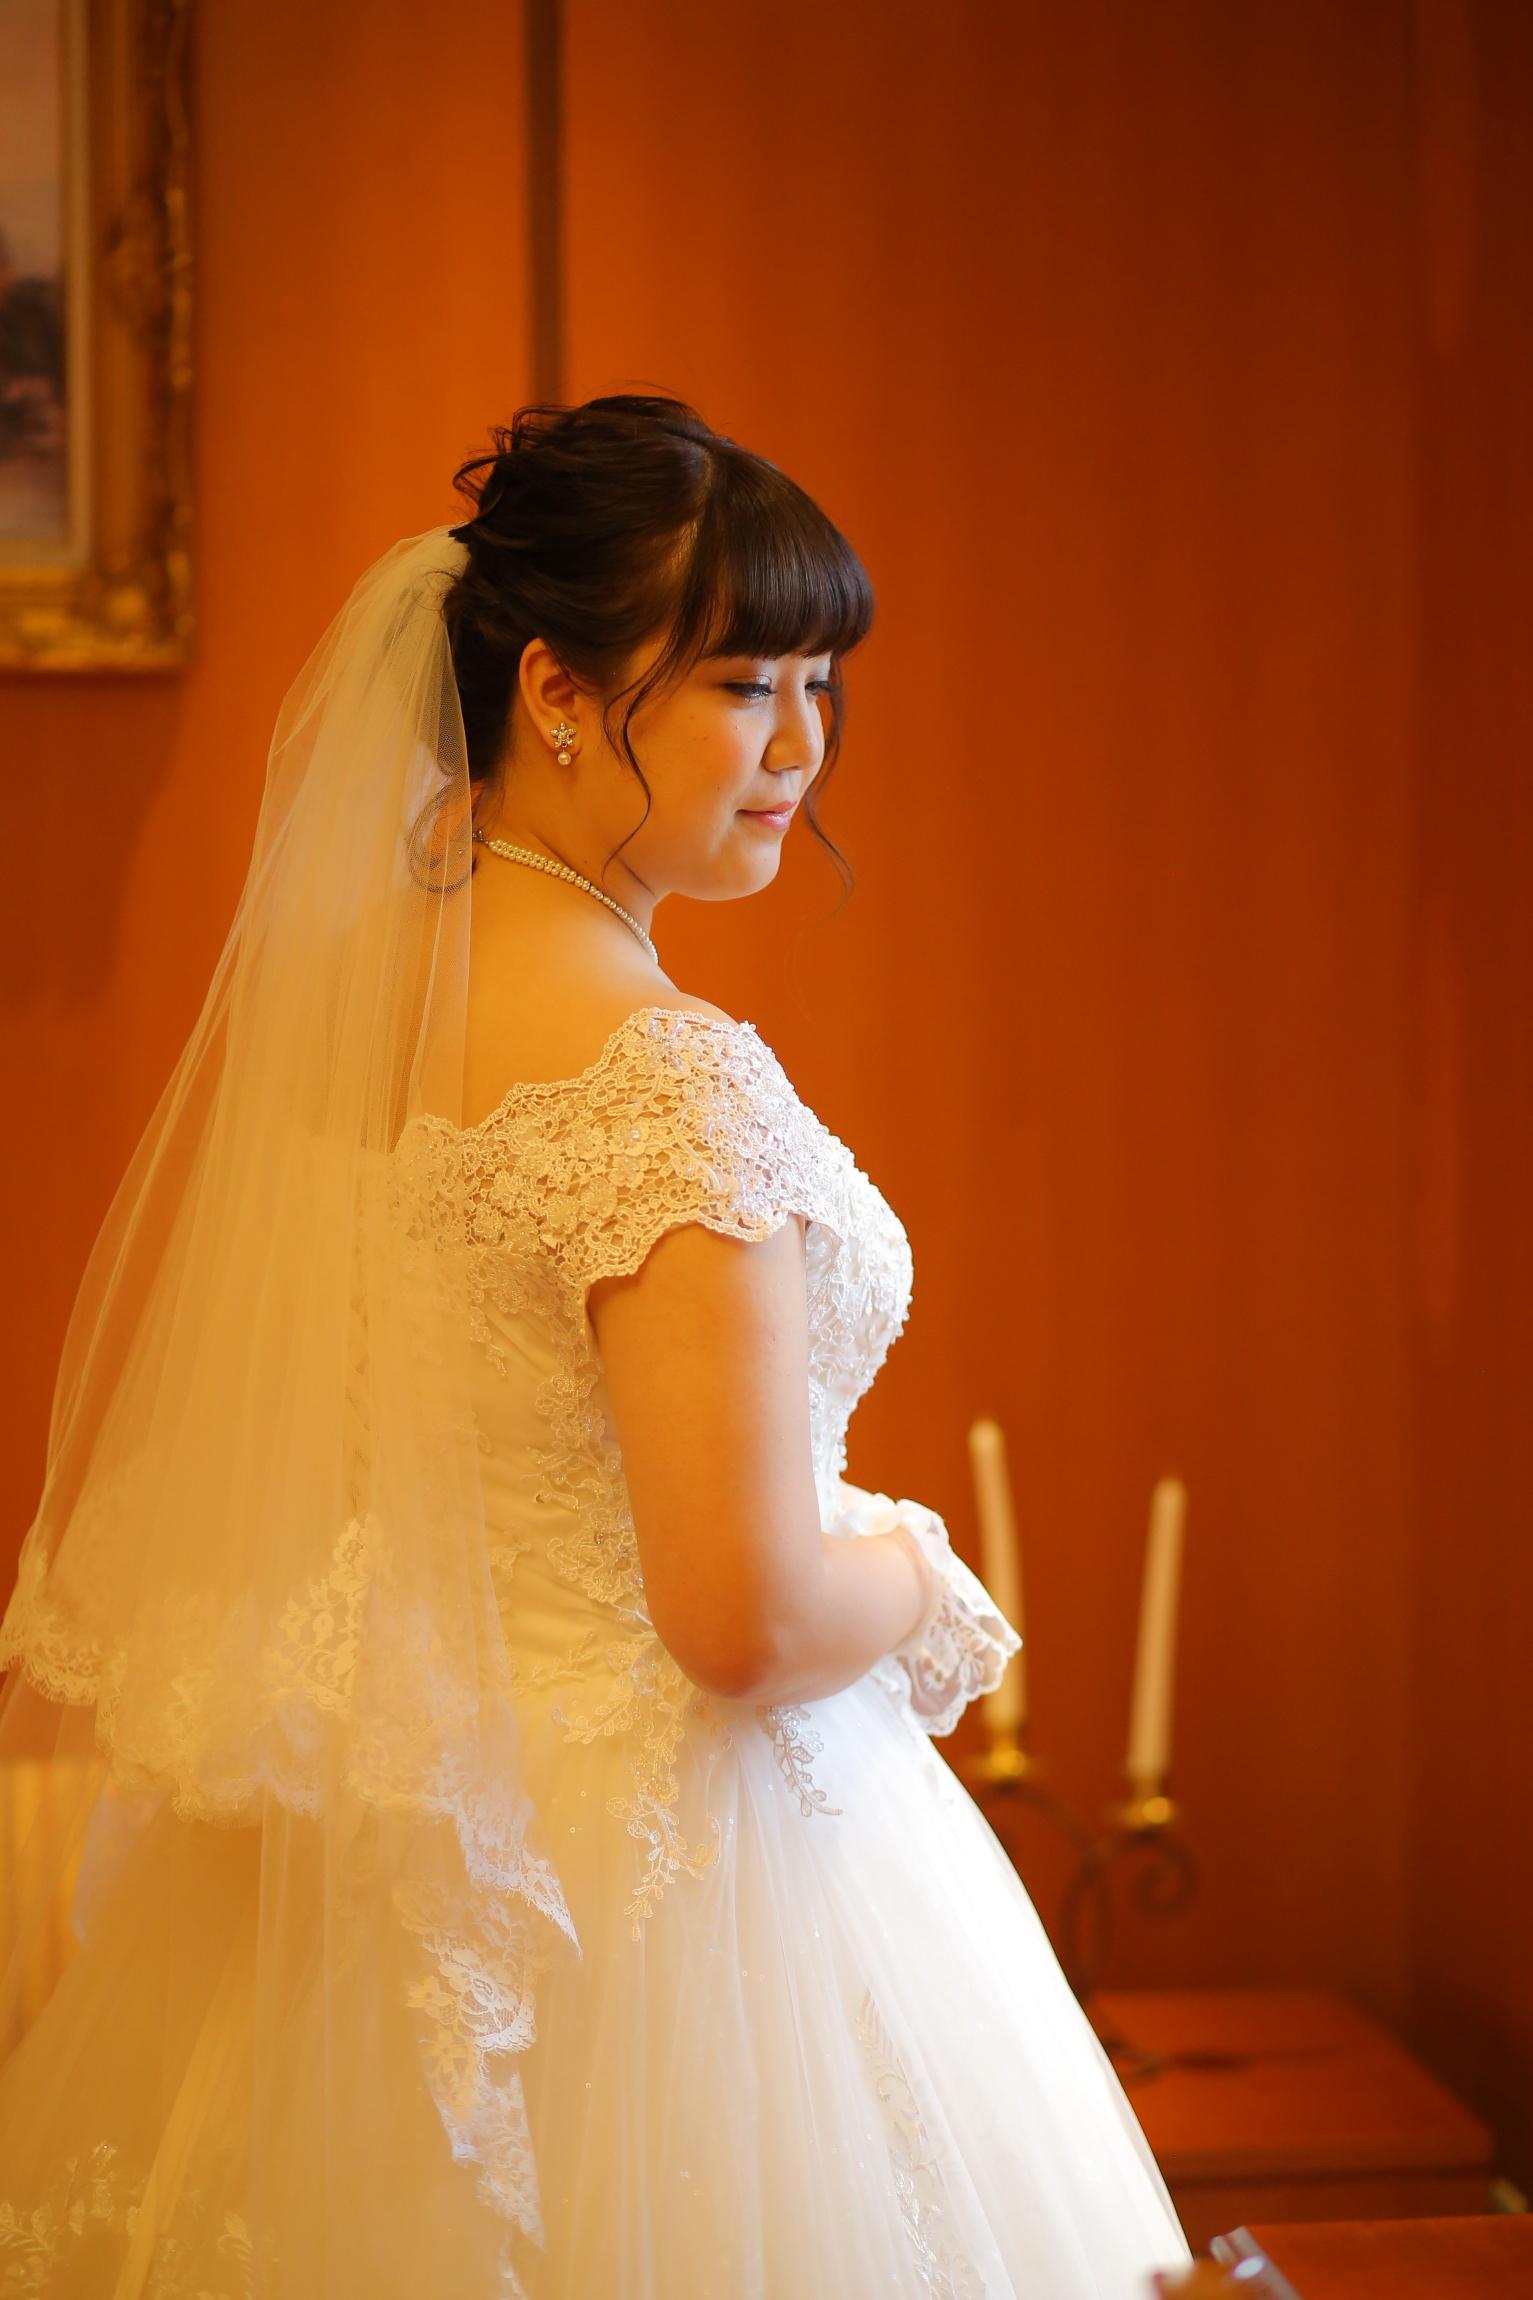 レースのオフショルダーは花嫁様らしくてとってもすてき♡